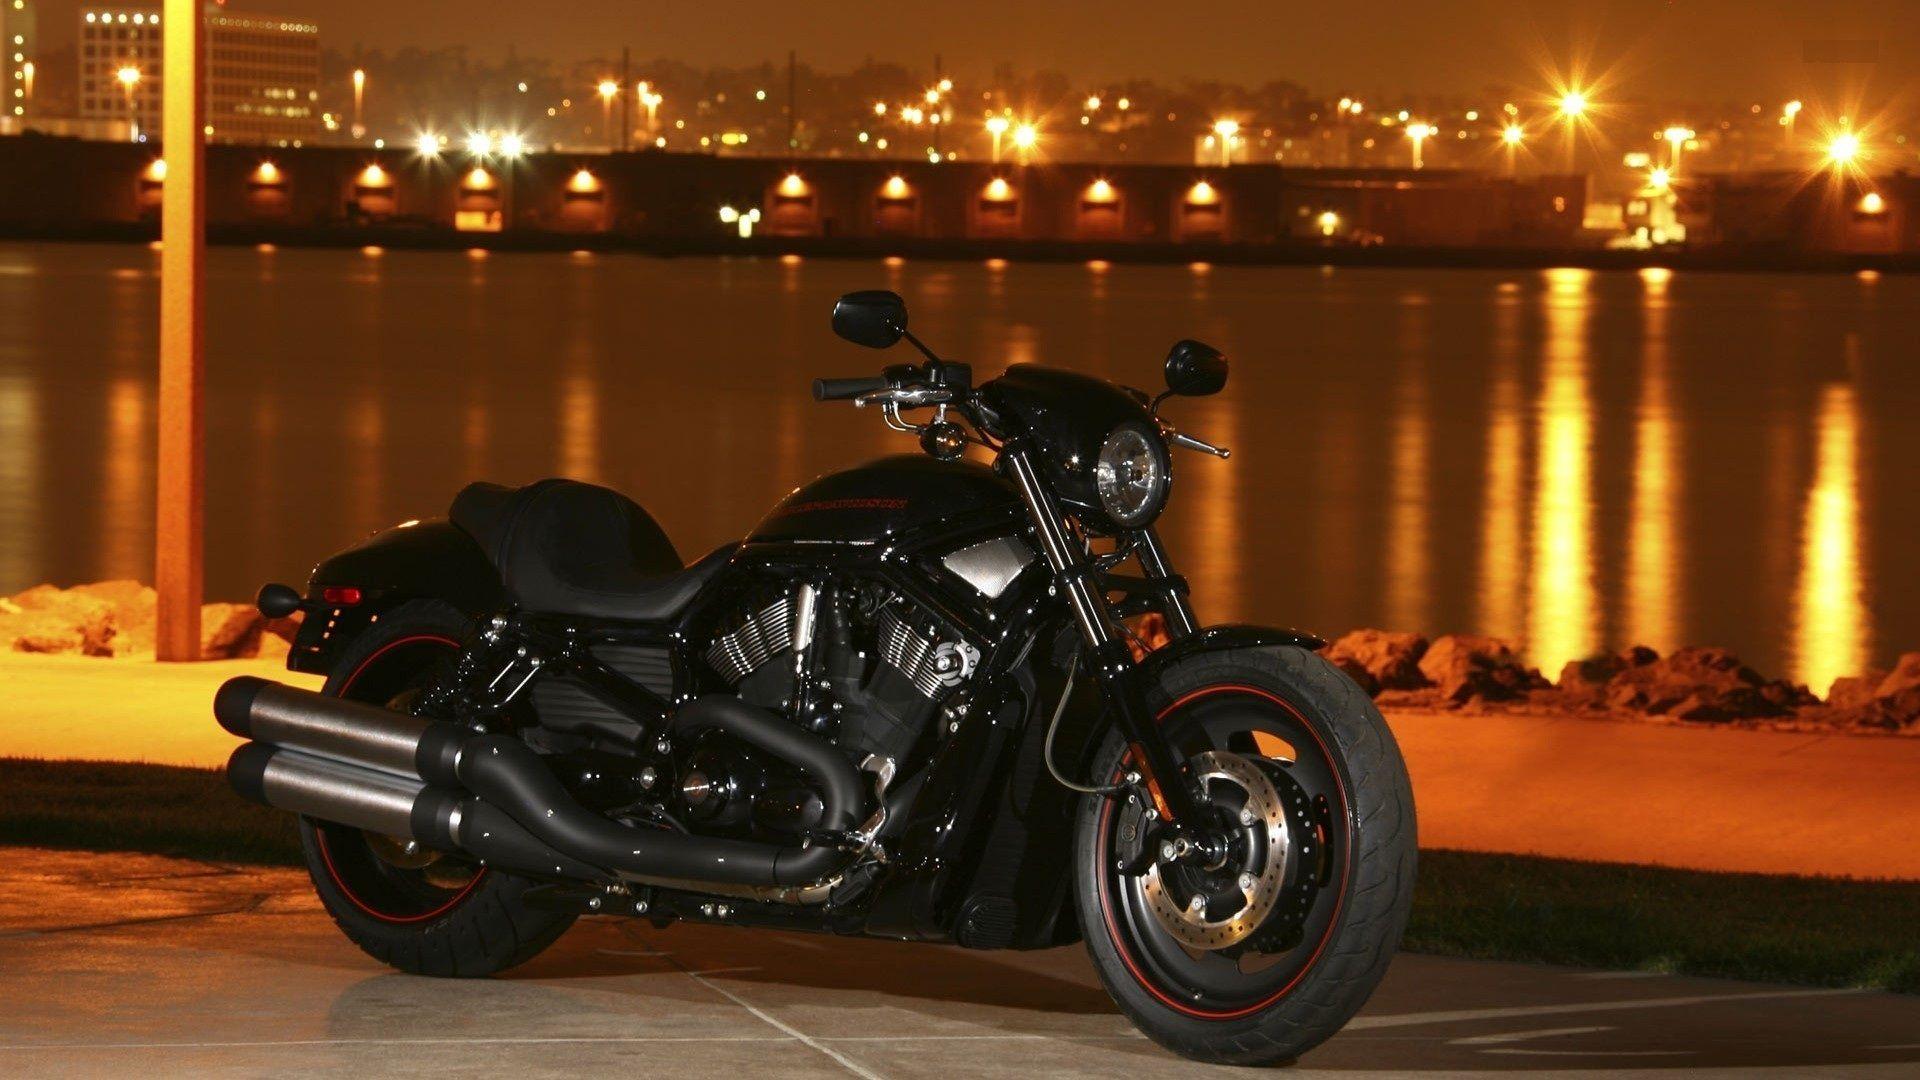 Harley Davidson Pictures Harley Davidson Compras